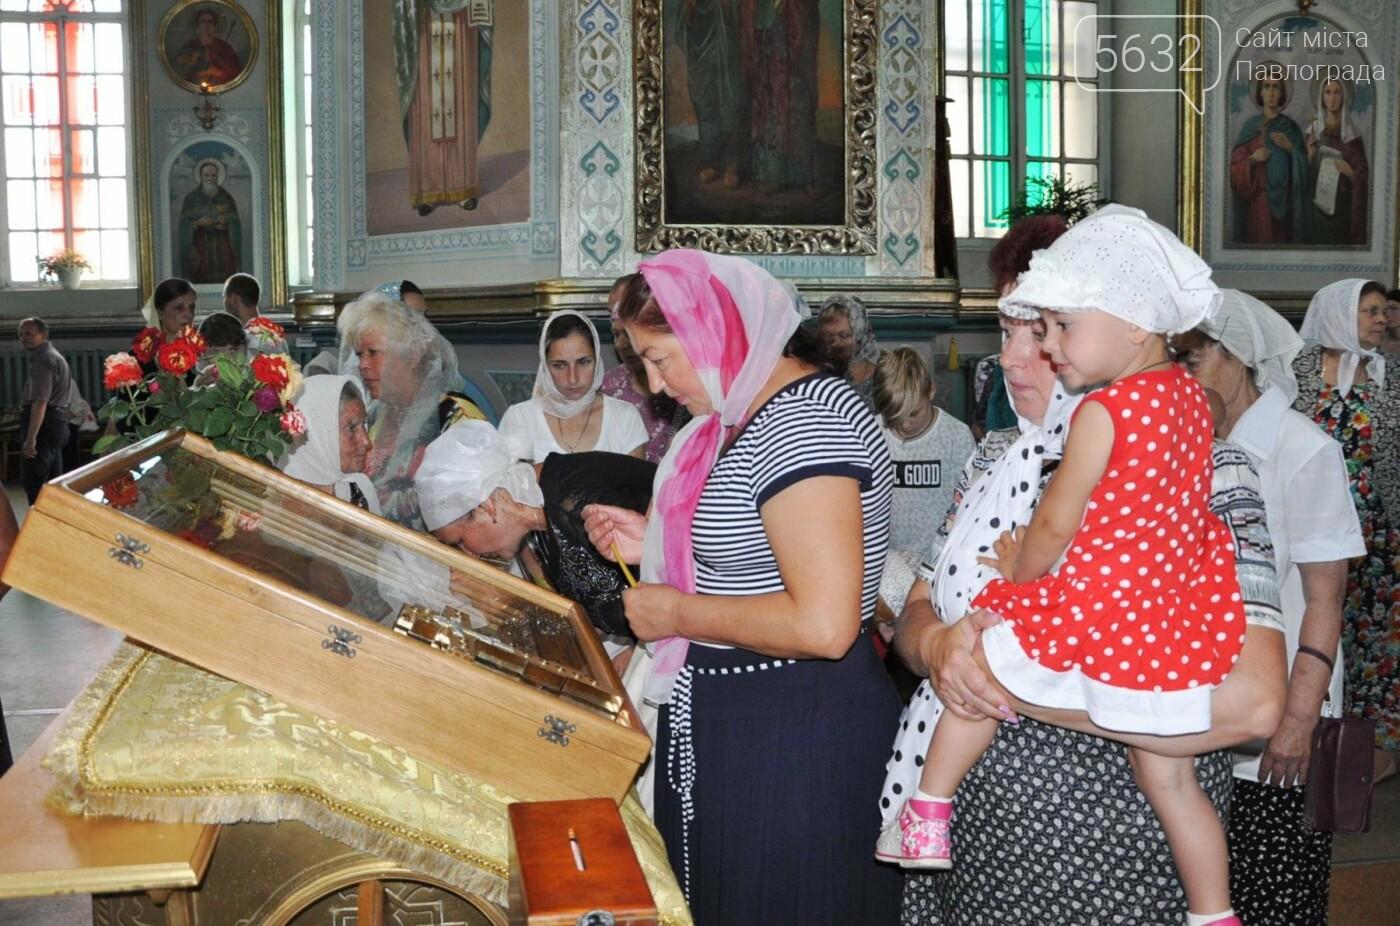 Через Павлоград прошел крестный ход с чудотворной иконой, фото-2